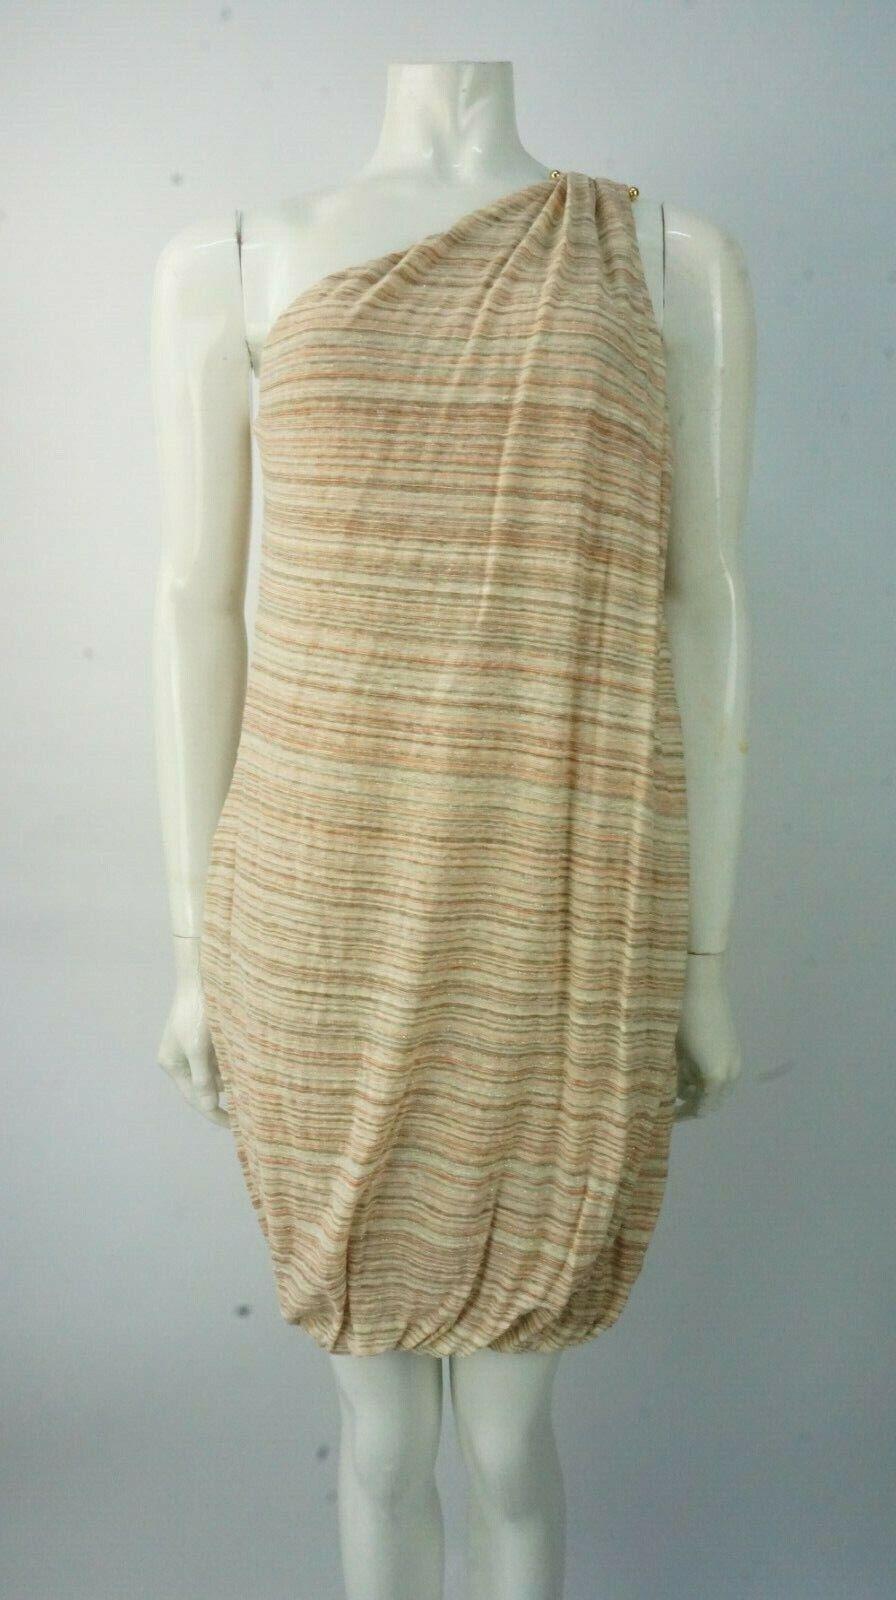 M Missoni Gold Metallic Striped One Shoulder Dress Größe Größe Größe 42 UK 10 BNWTS 9dd340